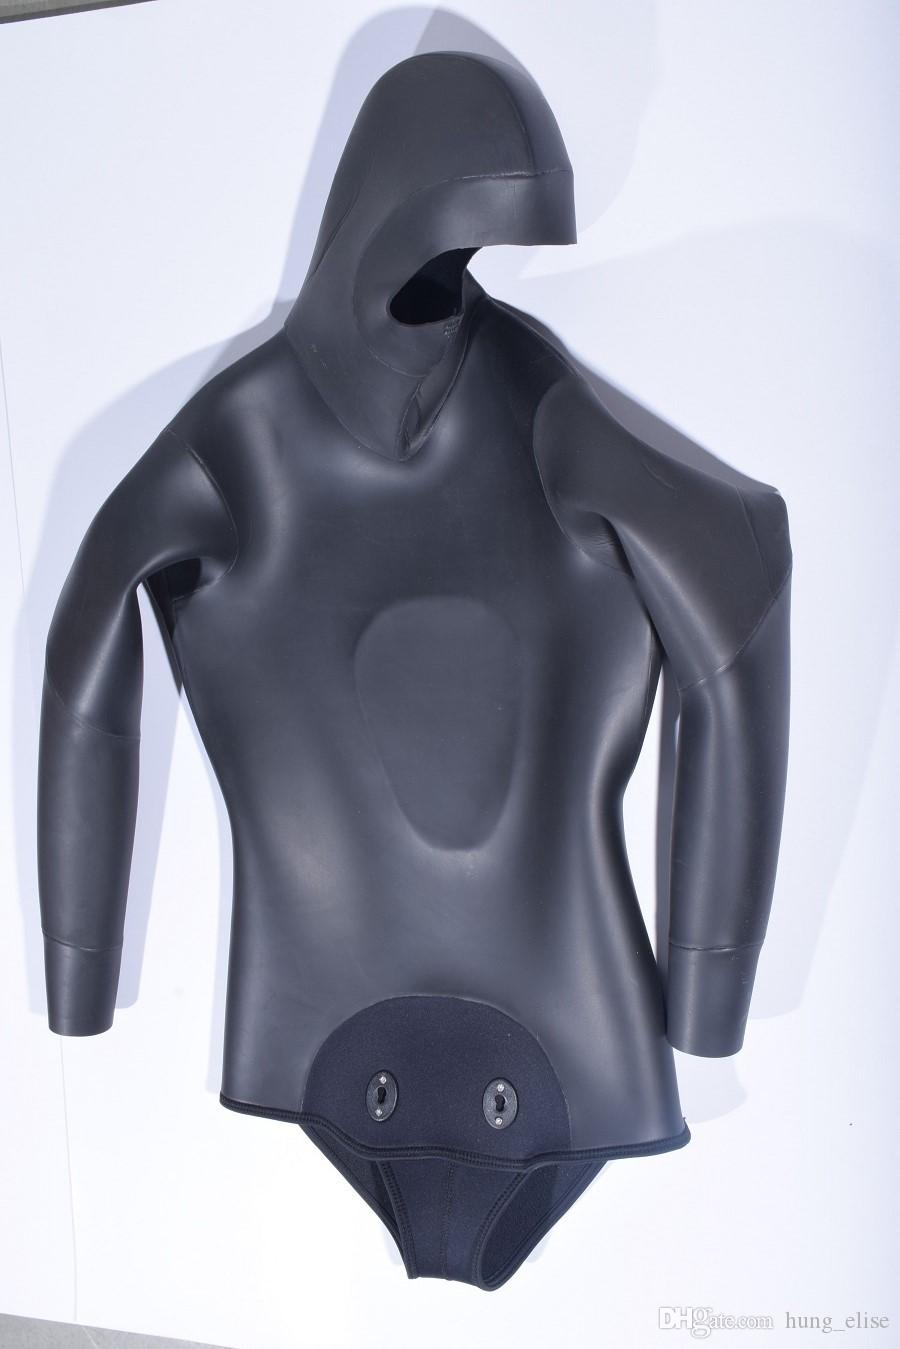 La alta calidad de 3,5 mm de camuflaje negro de buceo profesional separada wetsuit equipos de buceo Spearfiishing trajes de surf de los hombres